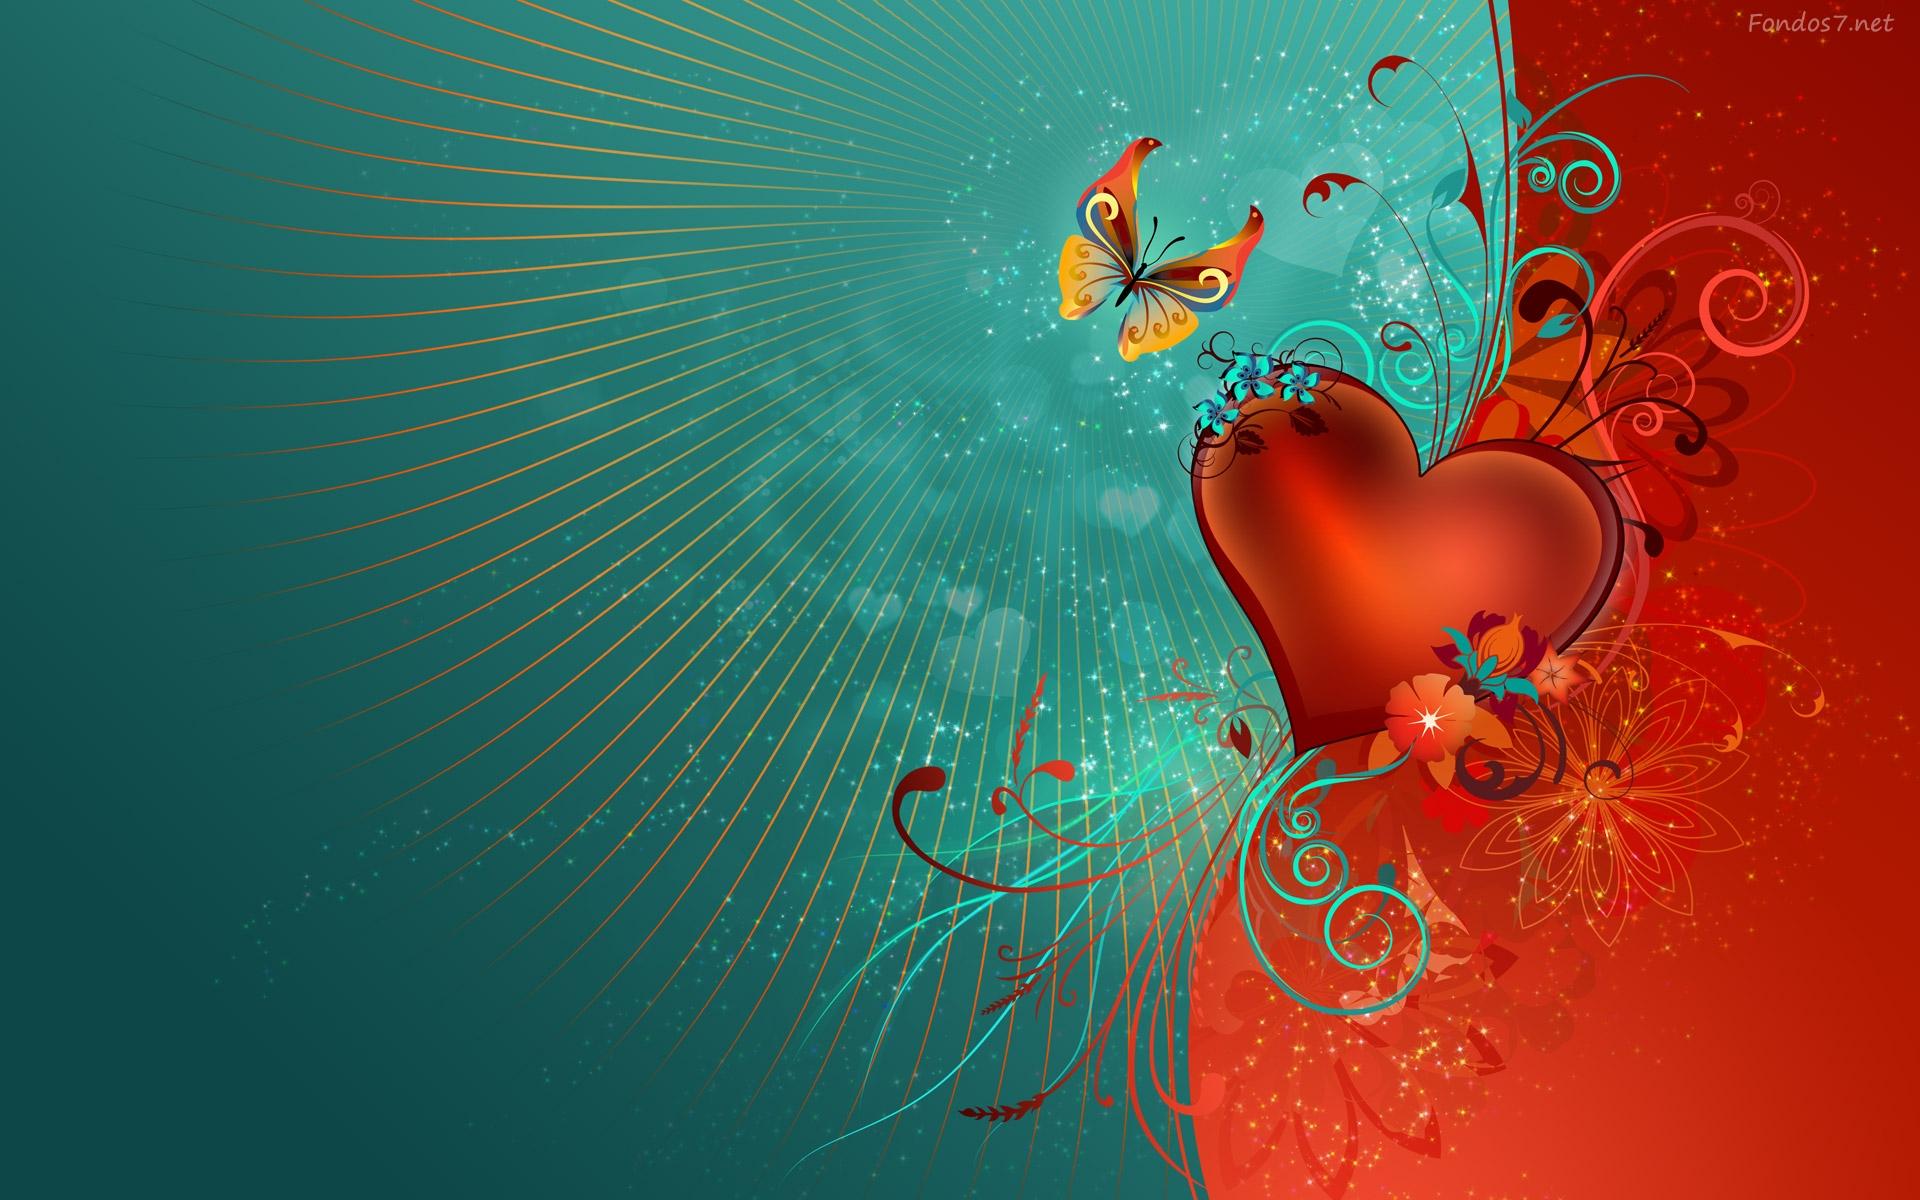 Fondos de pantalla de corazones hd widescreen Gratis imagenes 1911 1920x1200